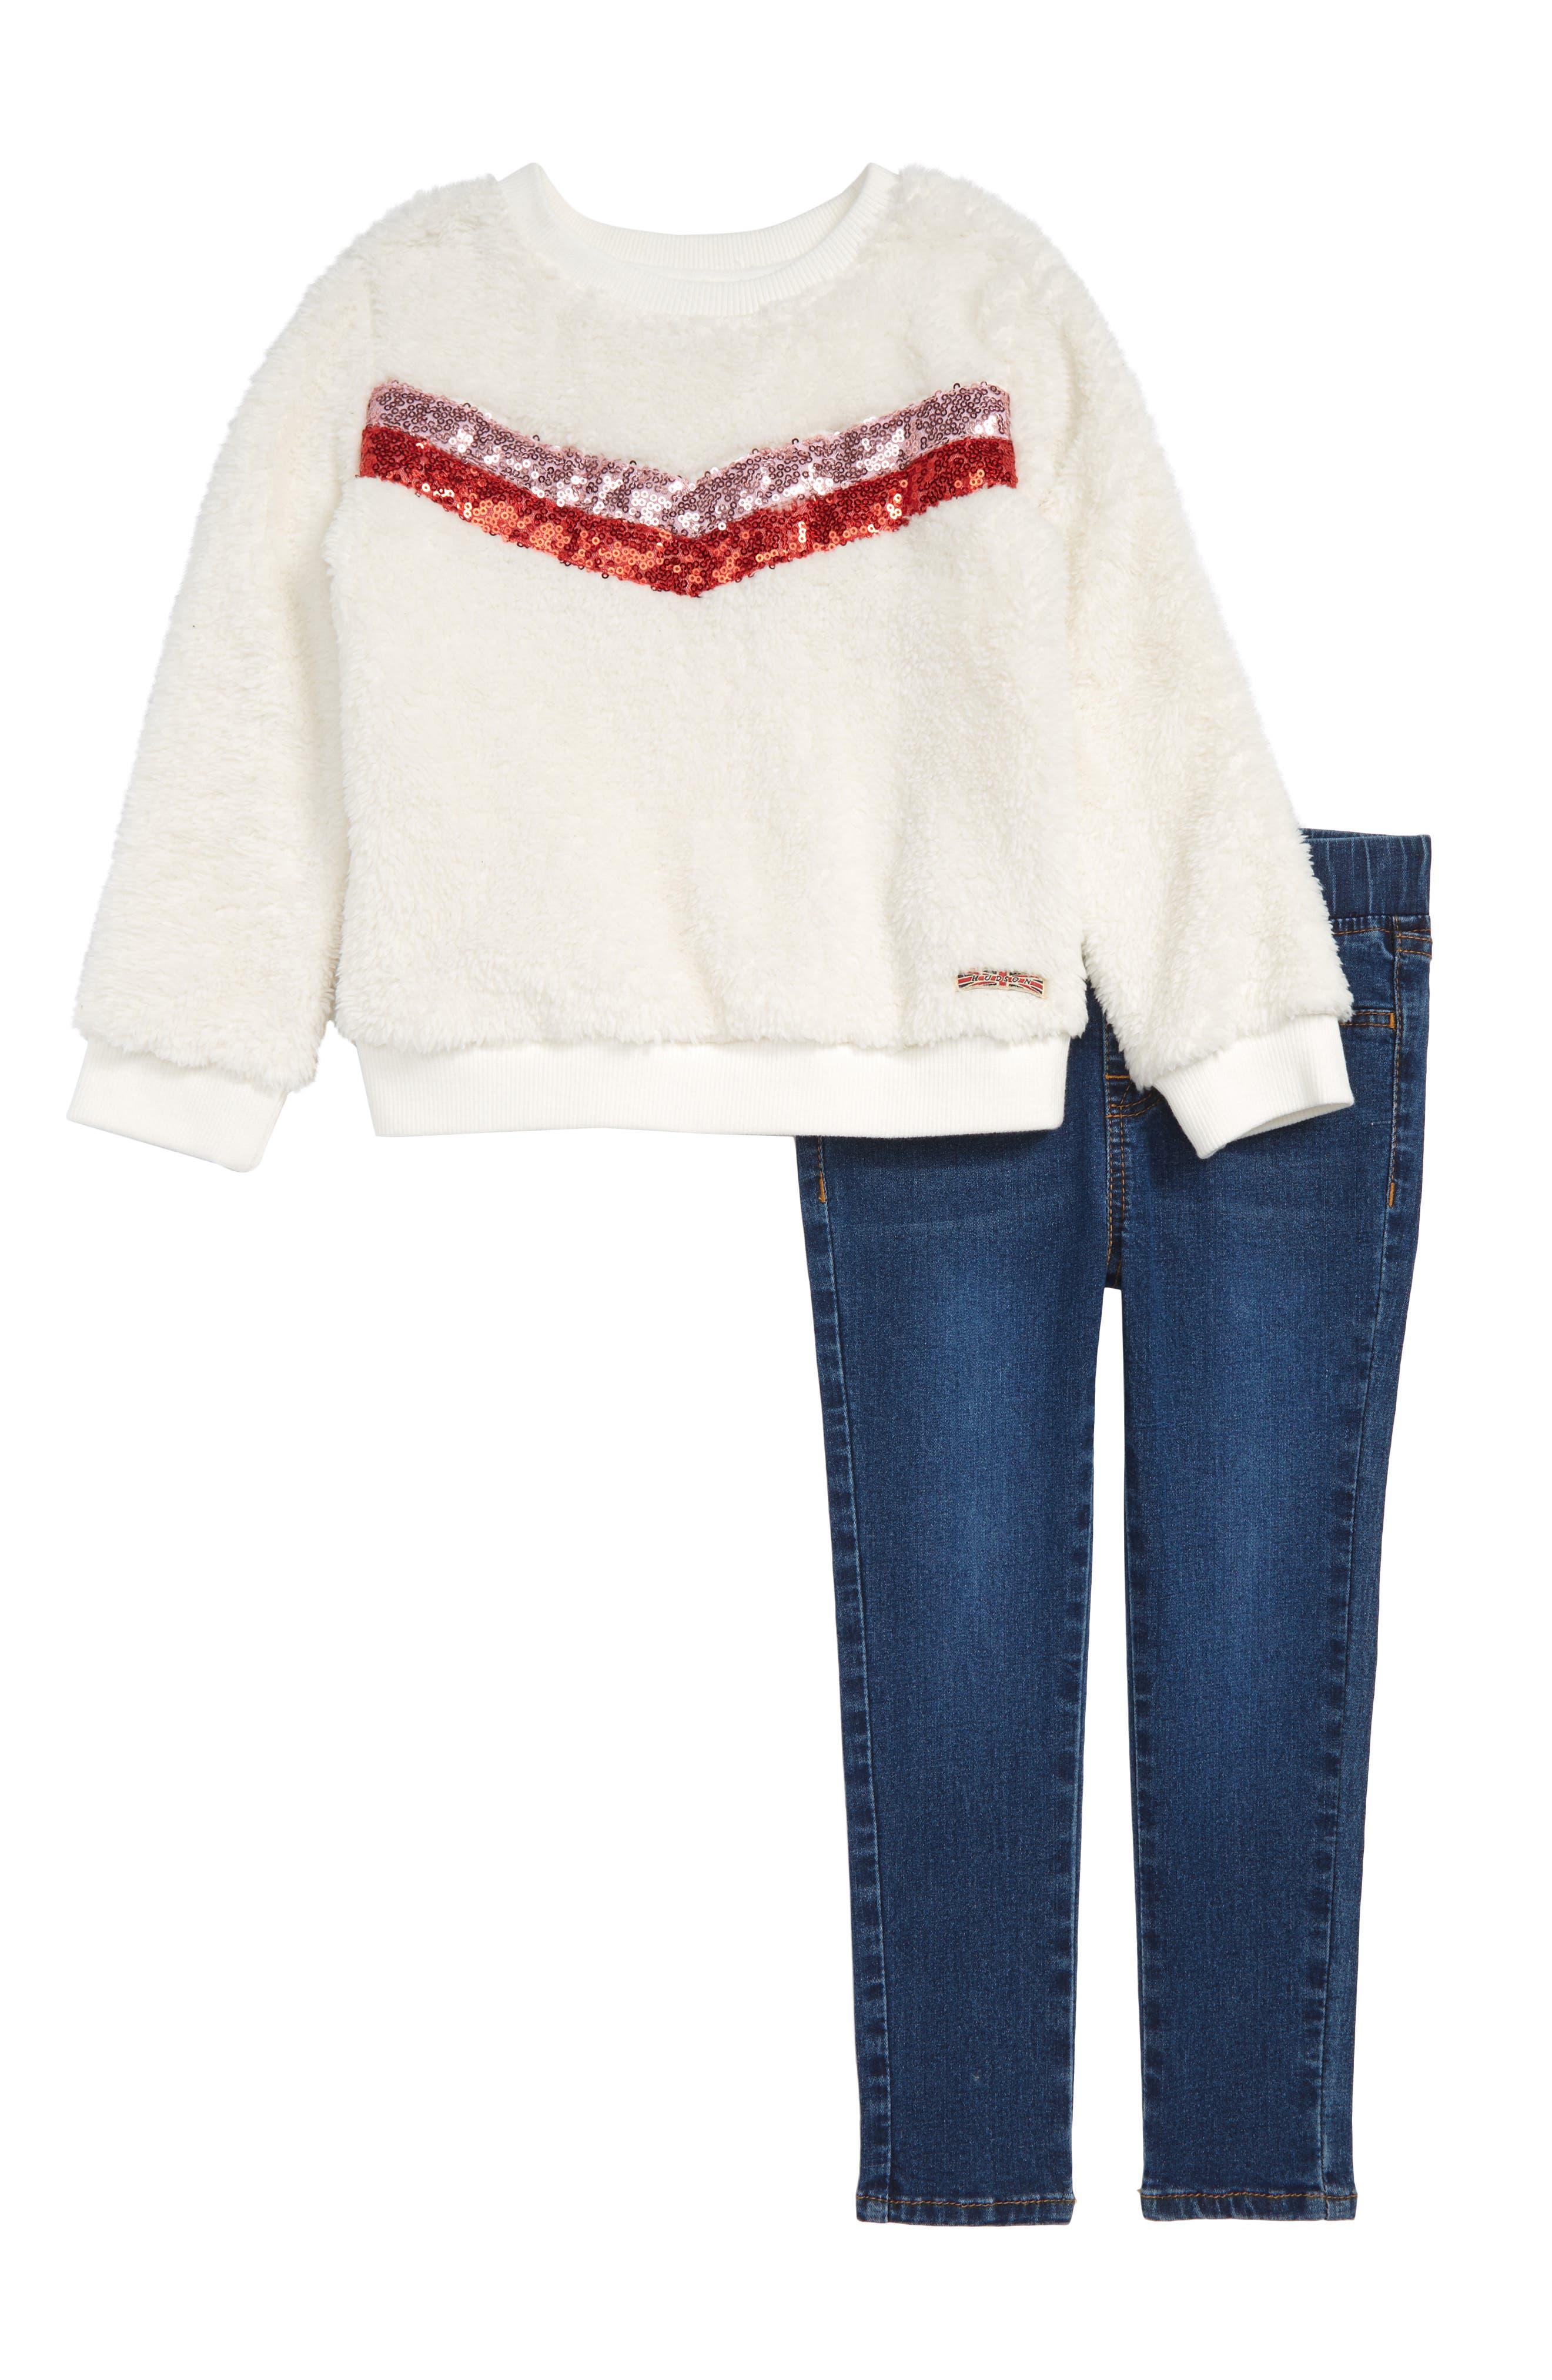 Sweatshirt & Jeans Set,                             Main thumbnail 1, color,                             DCG-DEPTH CHARGE WASH